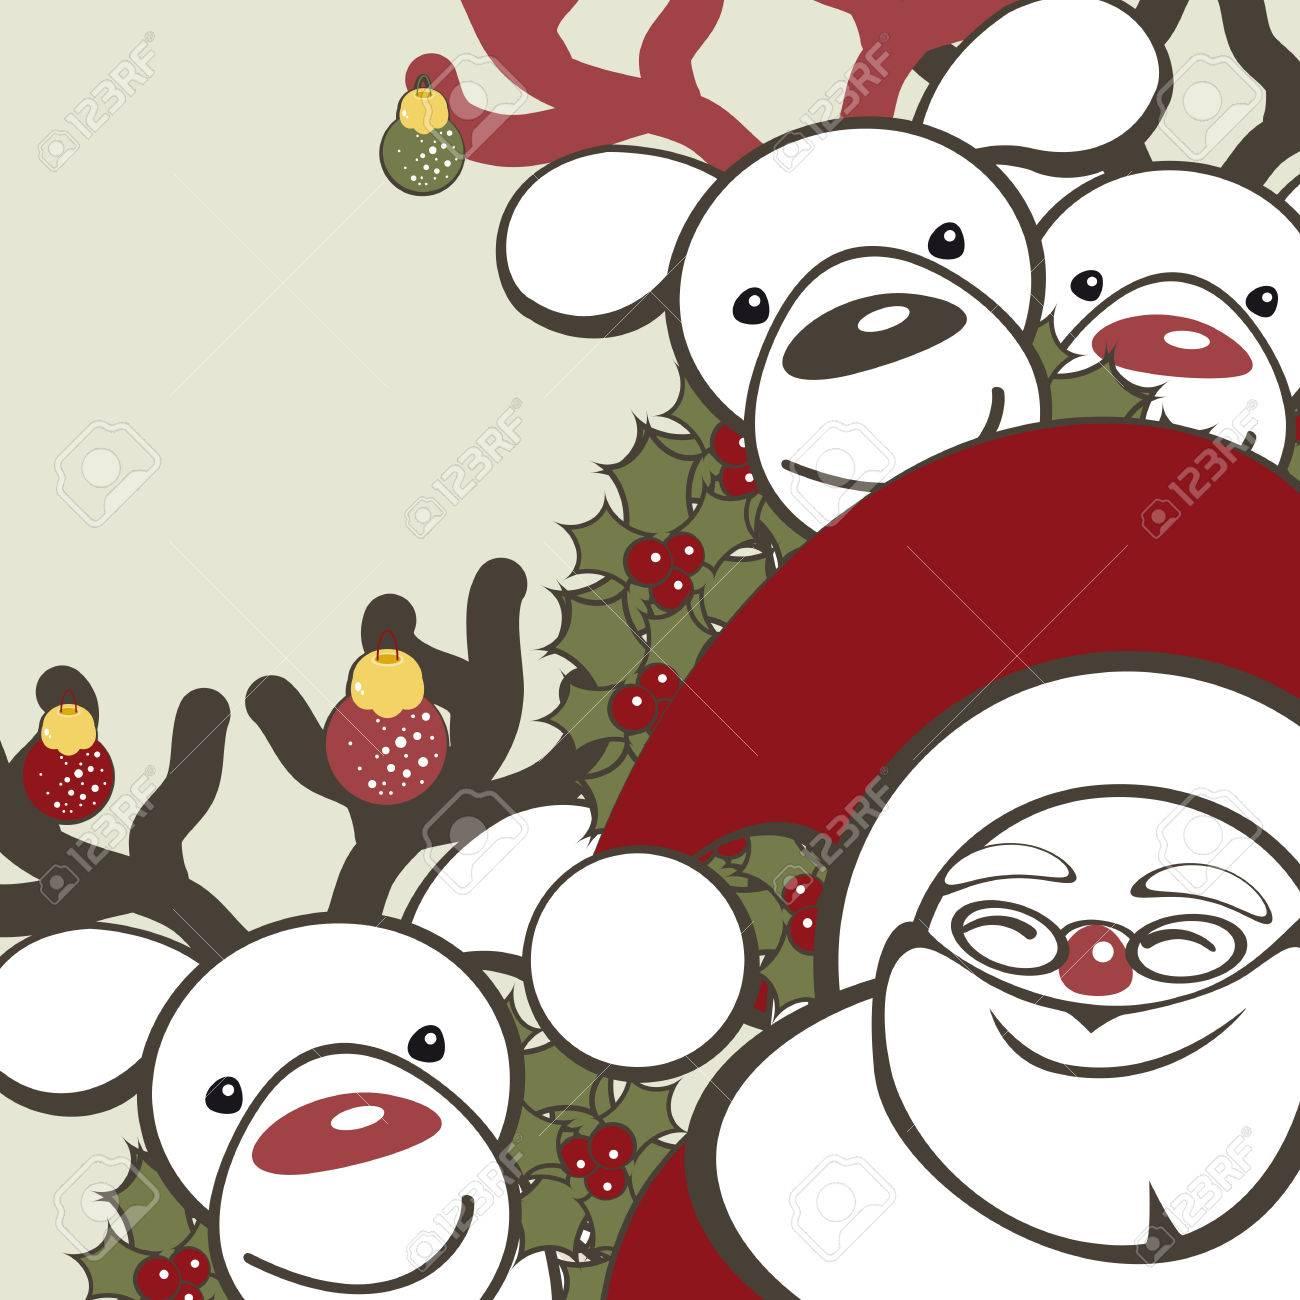 Sfondi Natalizi Renne.Vettoriale Sfondo Natale Con Le Renne Divertente E Babbo Natale